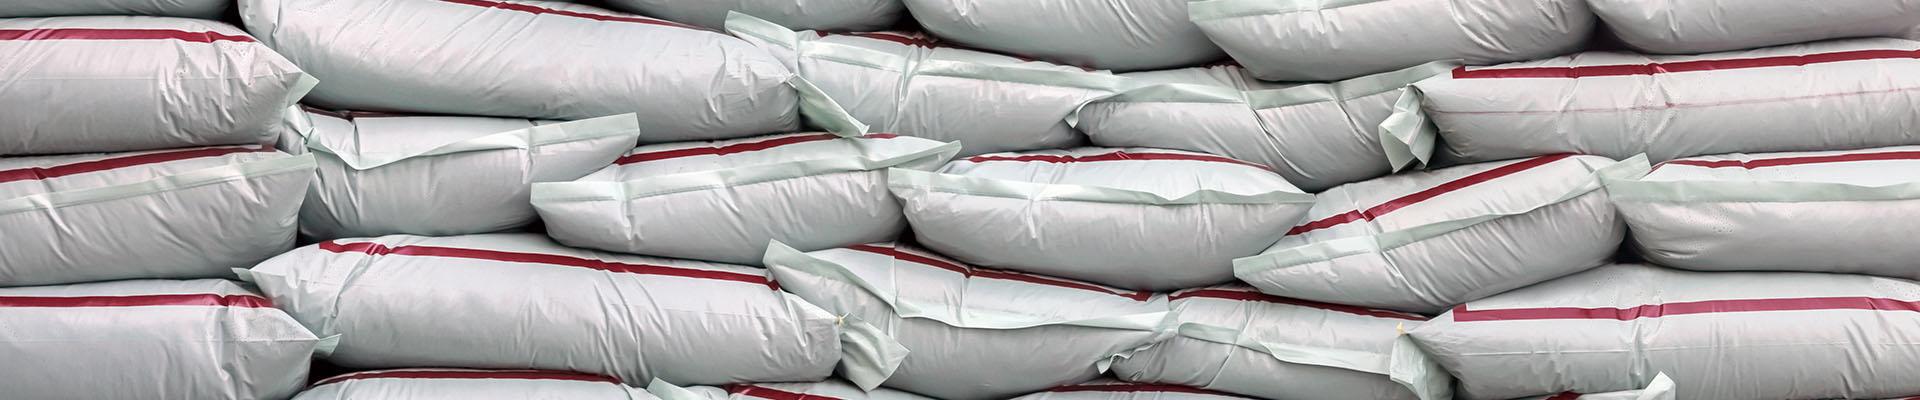 pe sacks standard friction pe sacks fibc big bag and sacks